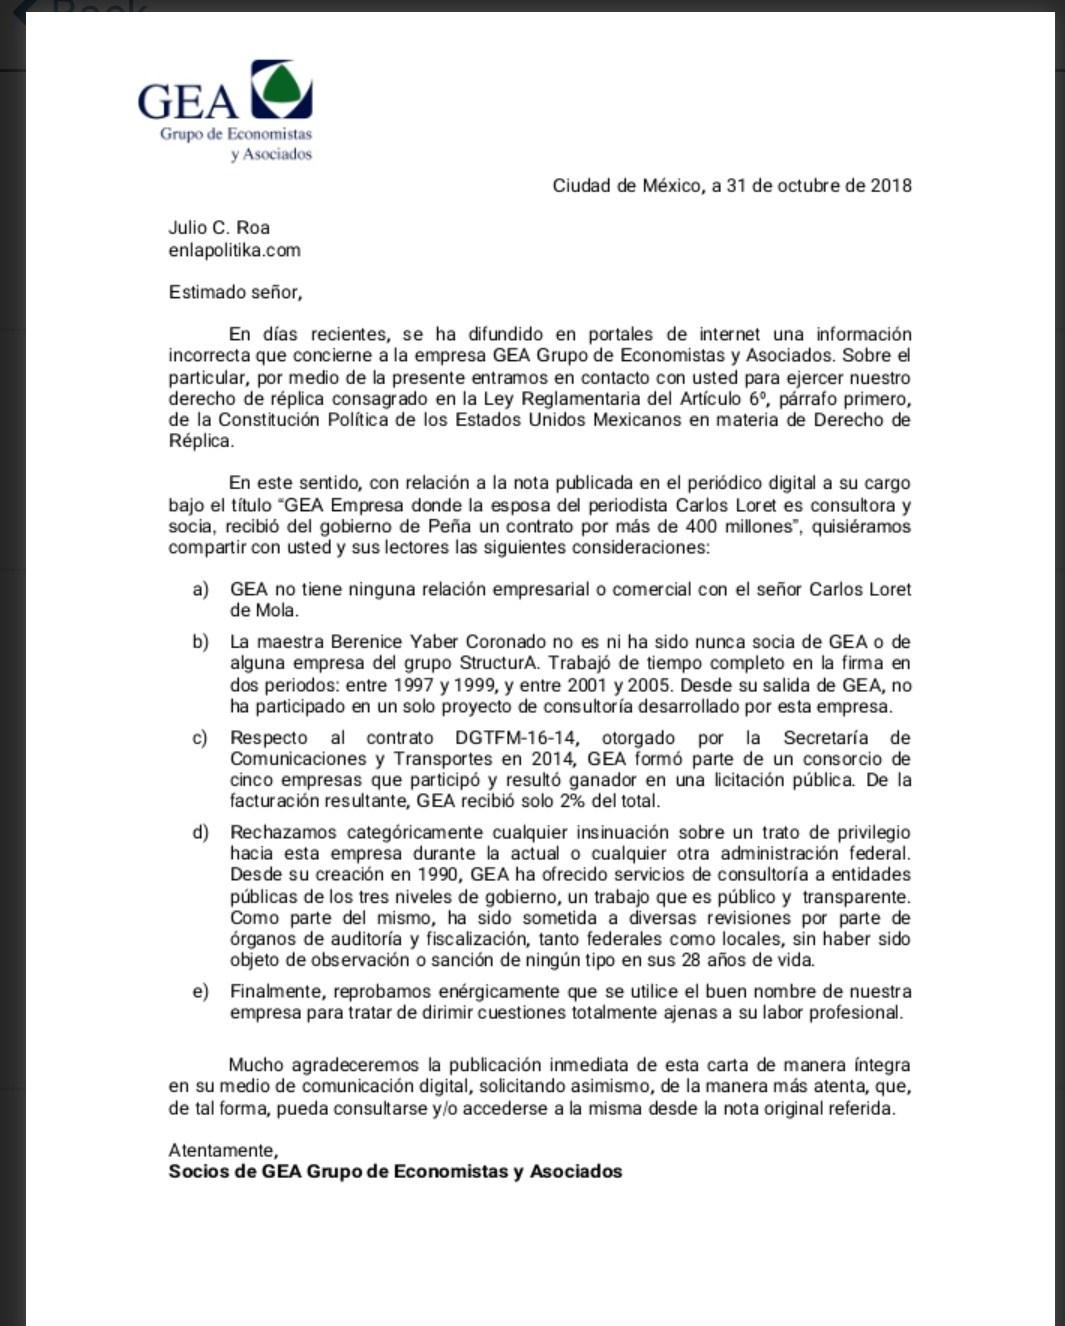 carta aclaratoria GEA